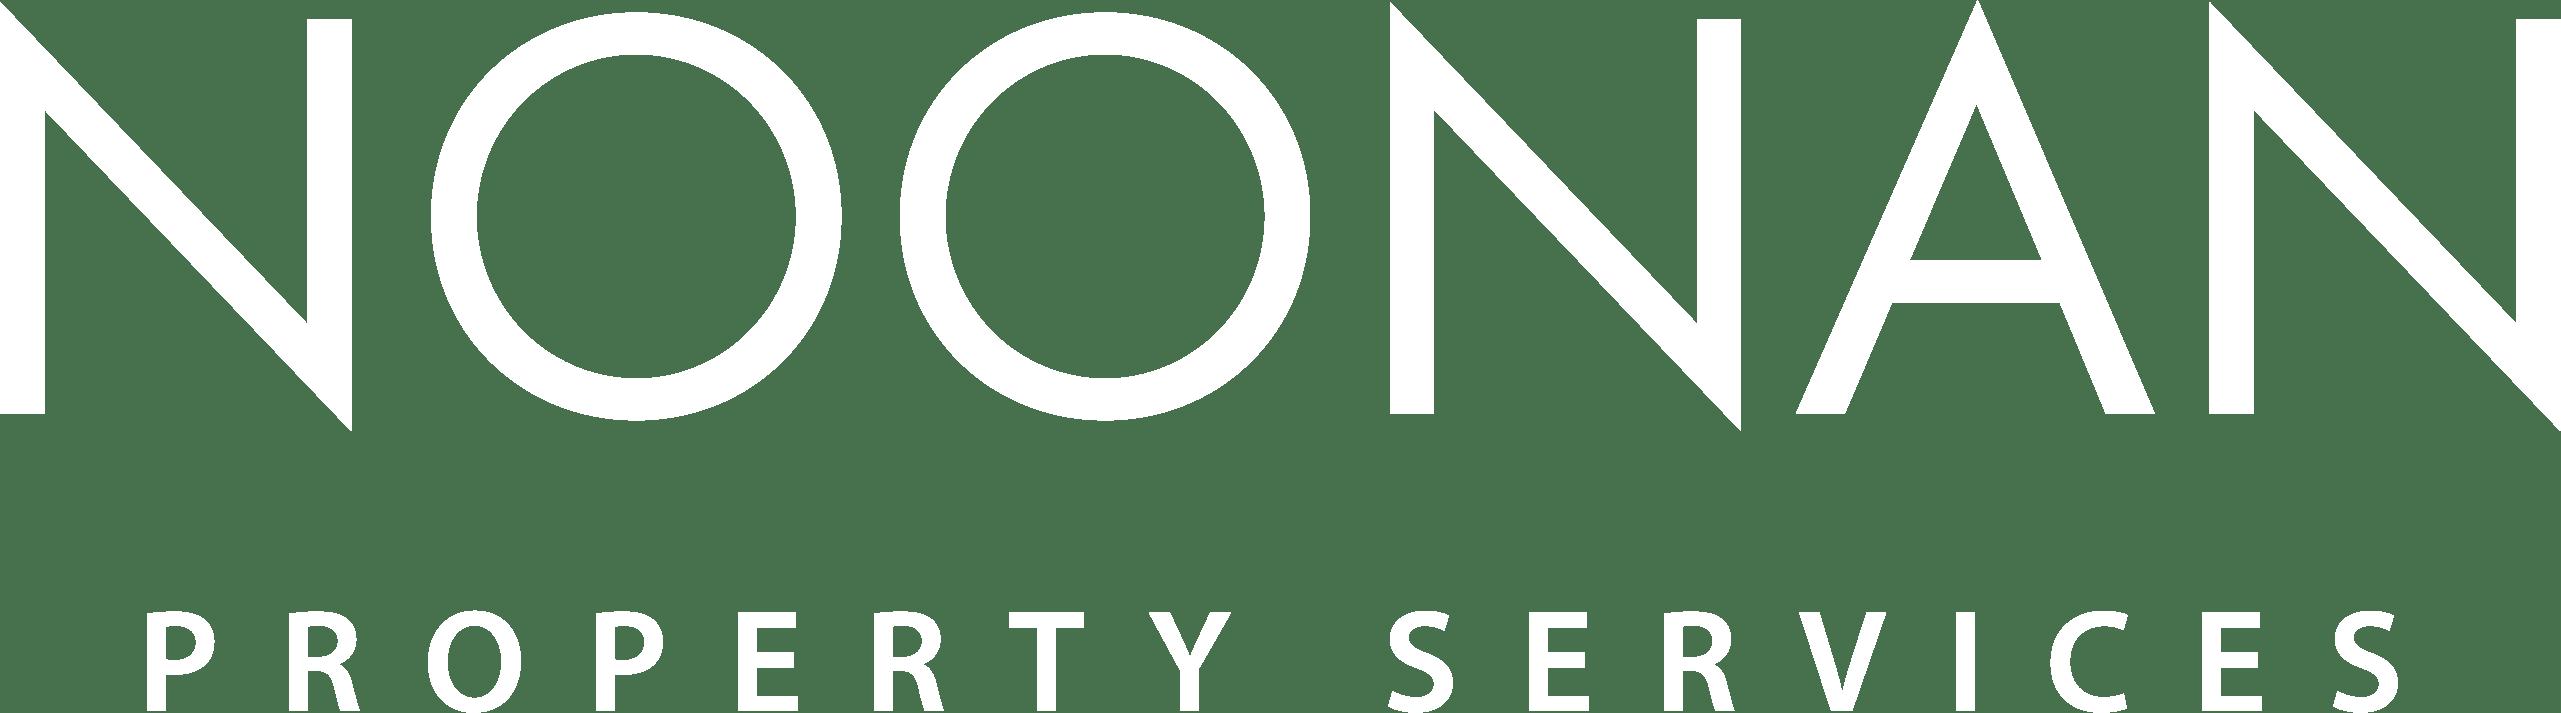 Noonan Prperty services logo